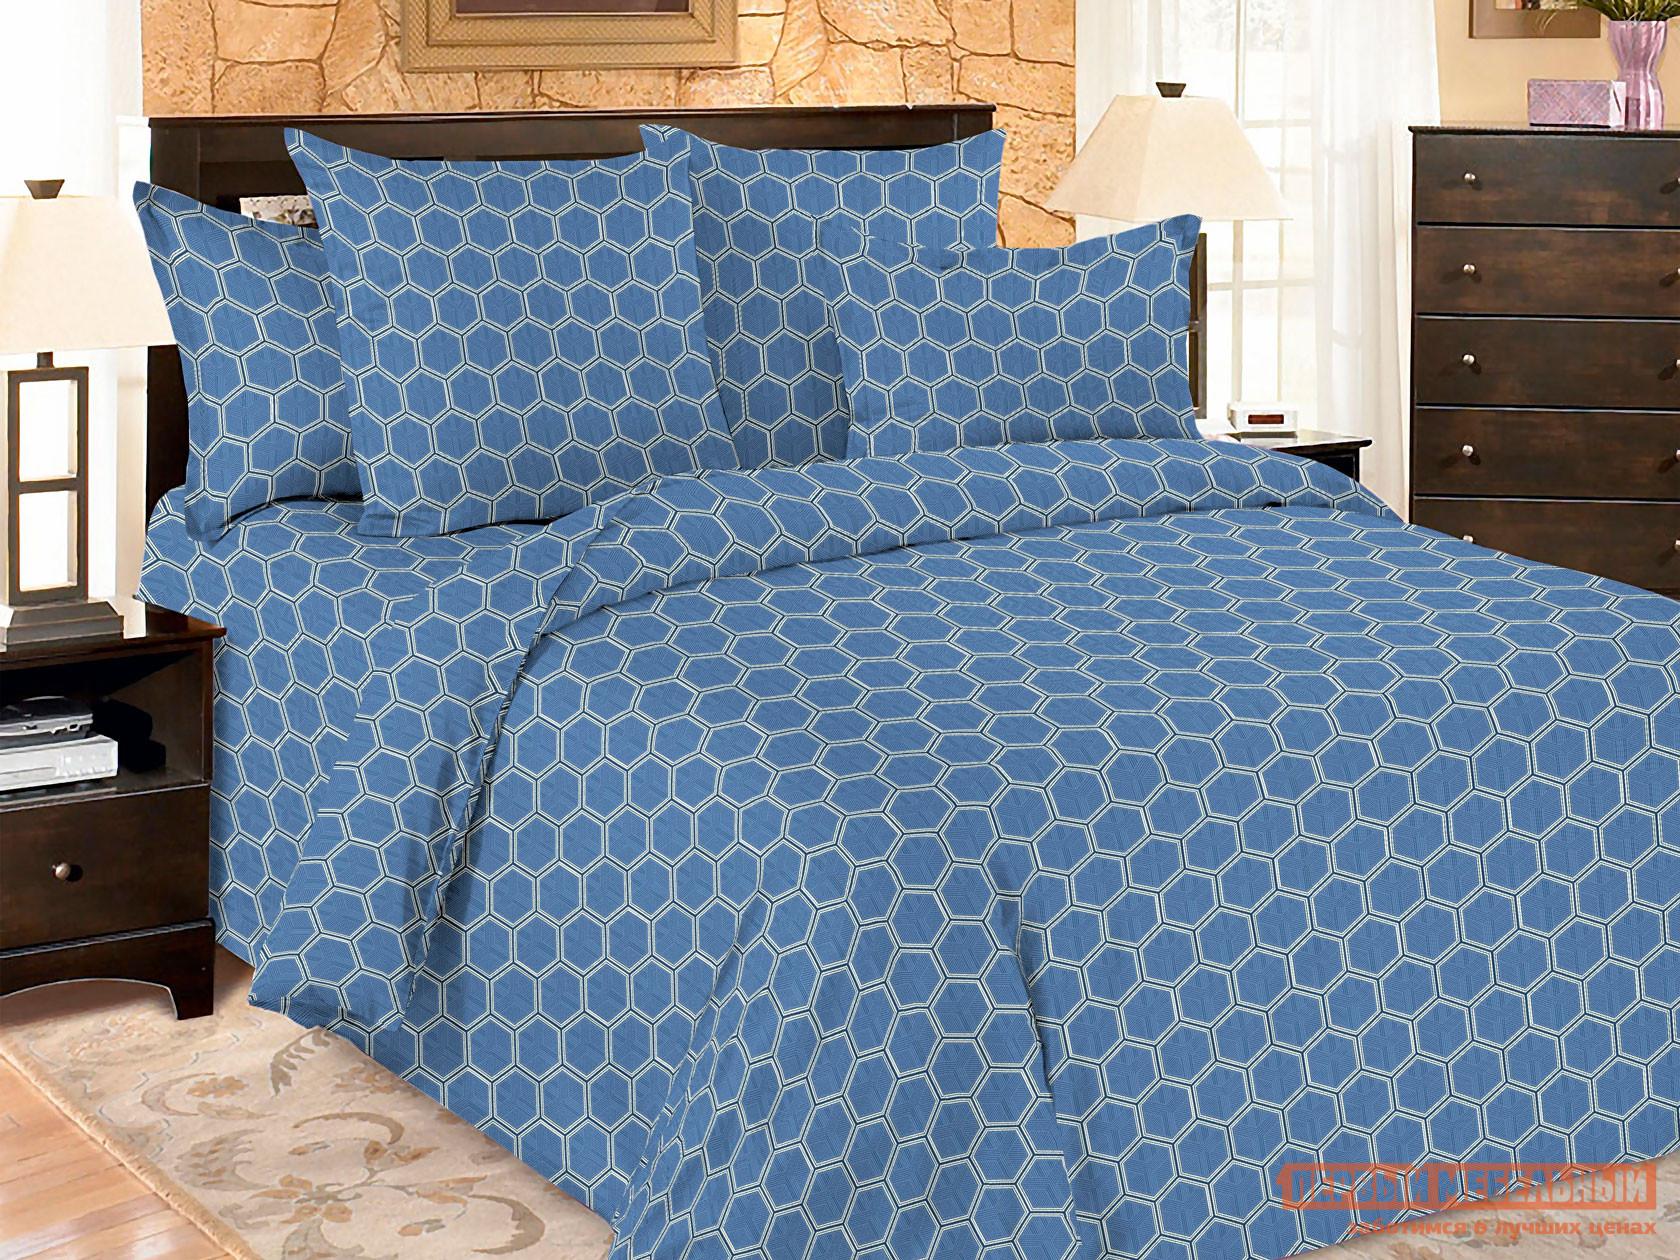 Комплект постельного белья  КПБ Amore Mio BZ Net Нэт, микрофибра, Полутороспальный